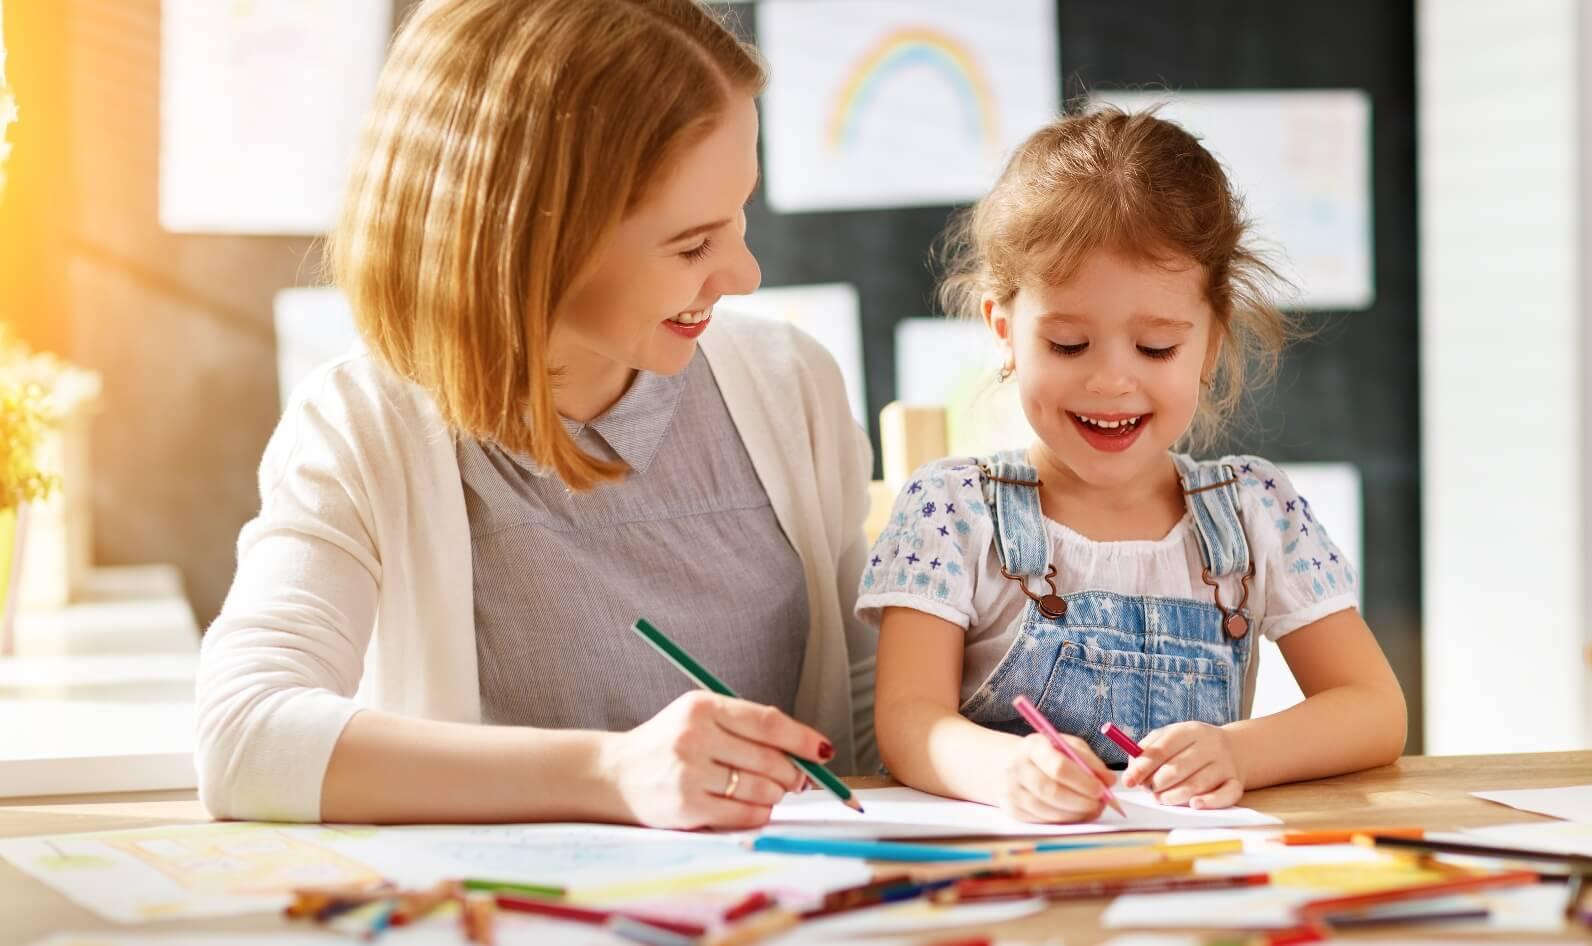 Nghiện điện thoại và cách hạn chế thời gian sử dụng điện thoại ở trẻ - Ảnh 4.